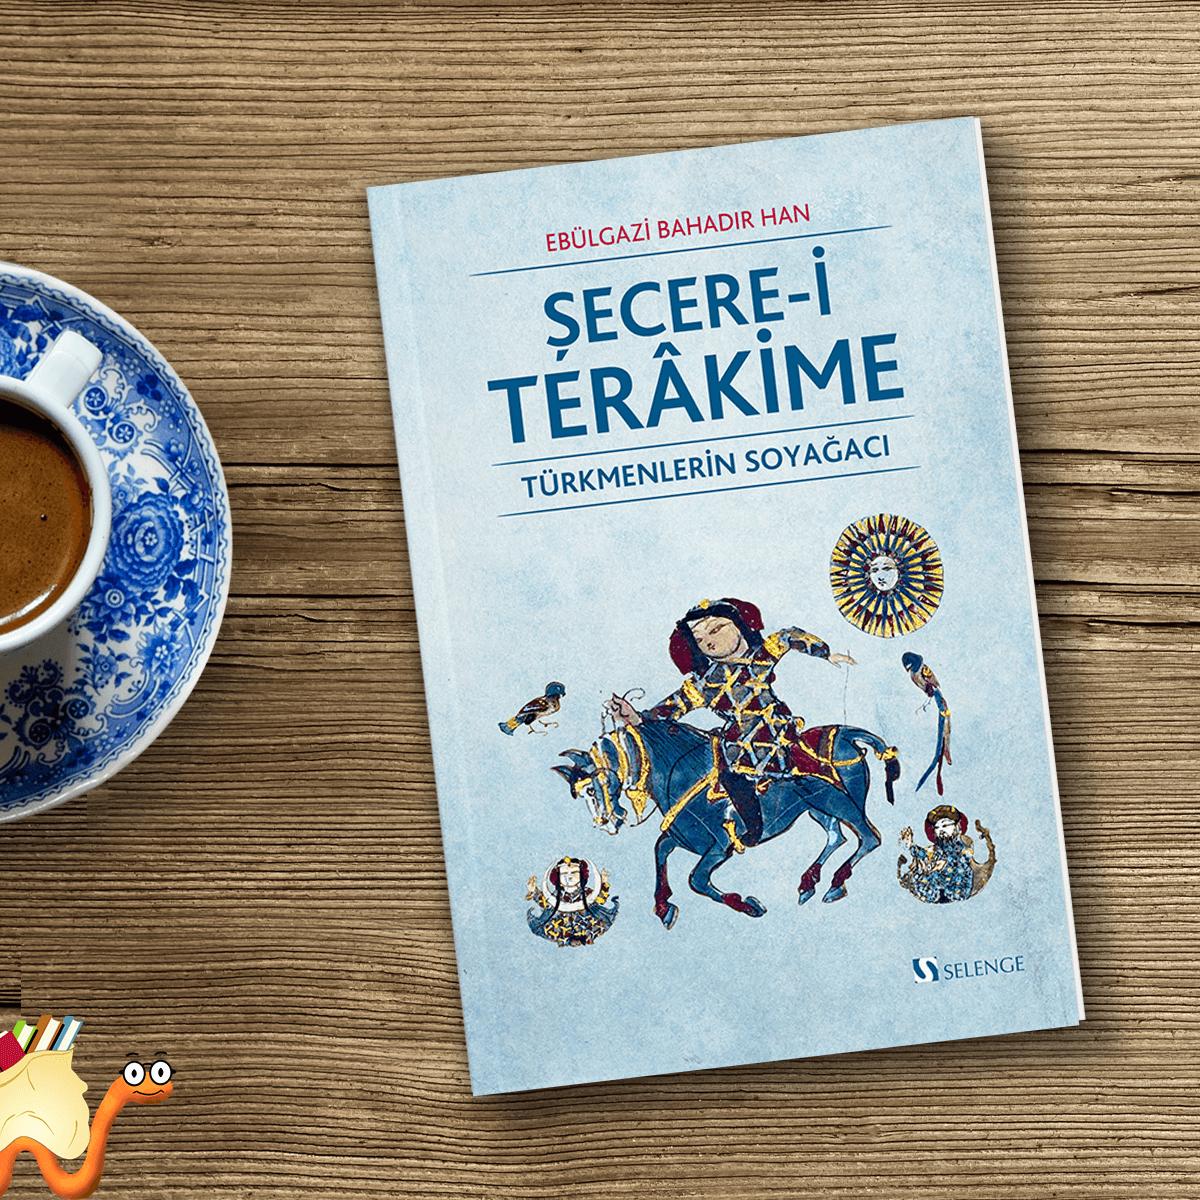 """""""Şecere-i Terâkime, Ebülgazi Bahadır Han'ın akıcı, zengin ve renkli üslûbu ile XVII. yüzyıl Çağatay Türkçesinin eşsiz bir örneğini sunmaktadır."""" 📕 Kitabı incelemek için👉 https://t.co/qZuDJqfcdP #kitap #kitapyurdu @selengeyayinevi https://t.co/abxzdvDLoh"""